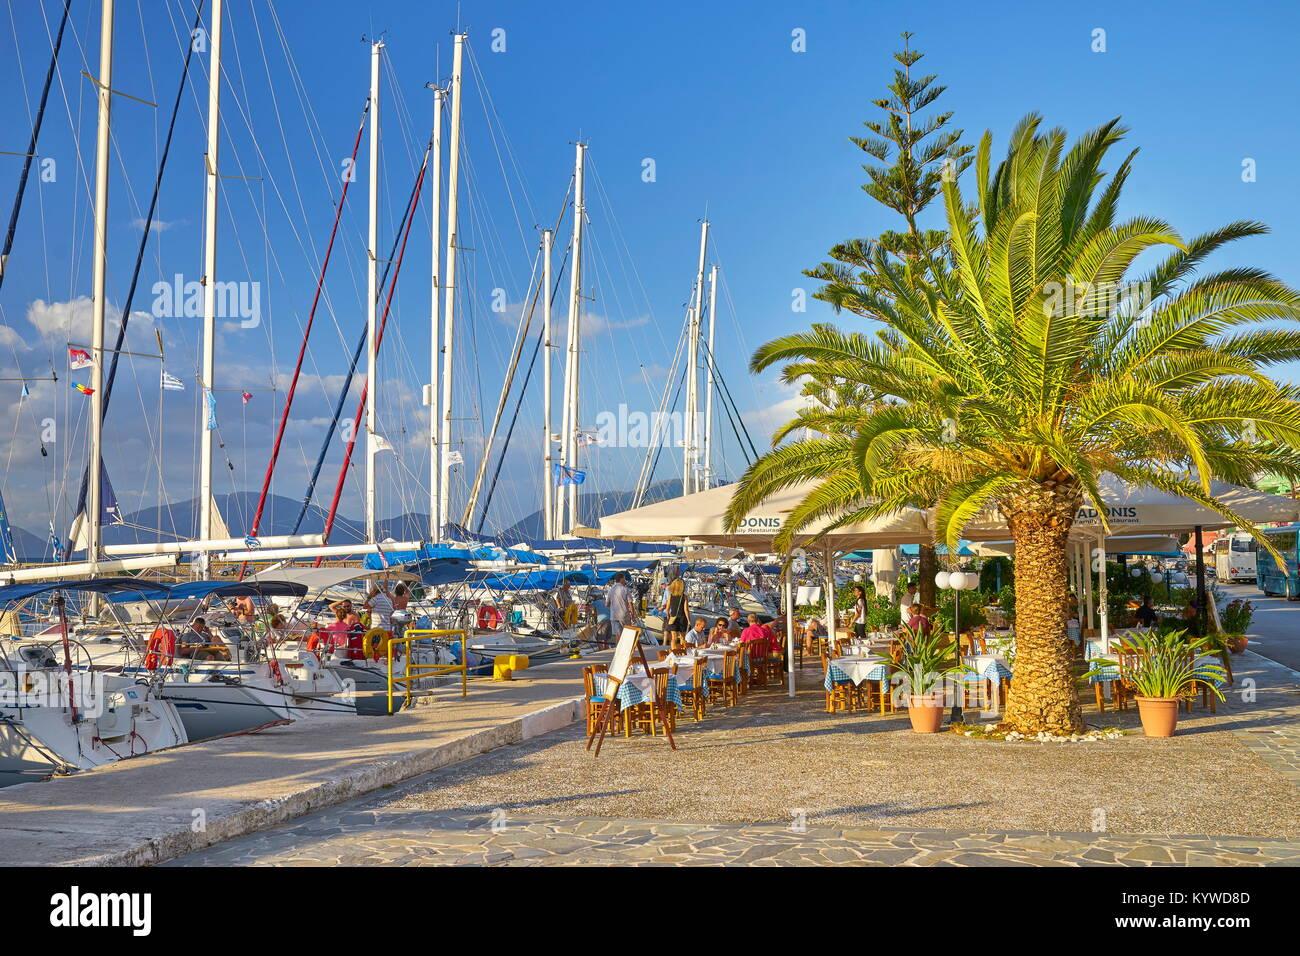 Marina al villaggio di Sami, l'isola di Cefalonia, Grecia Immagini Stock